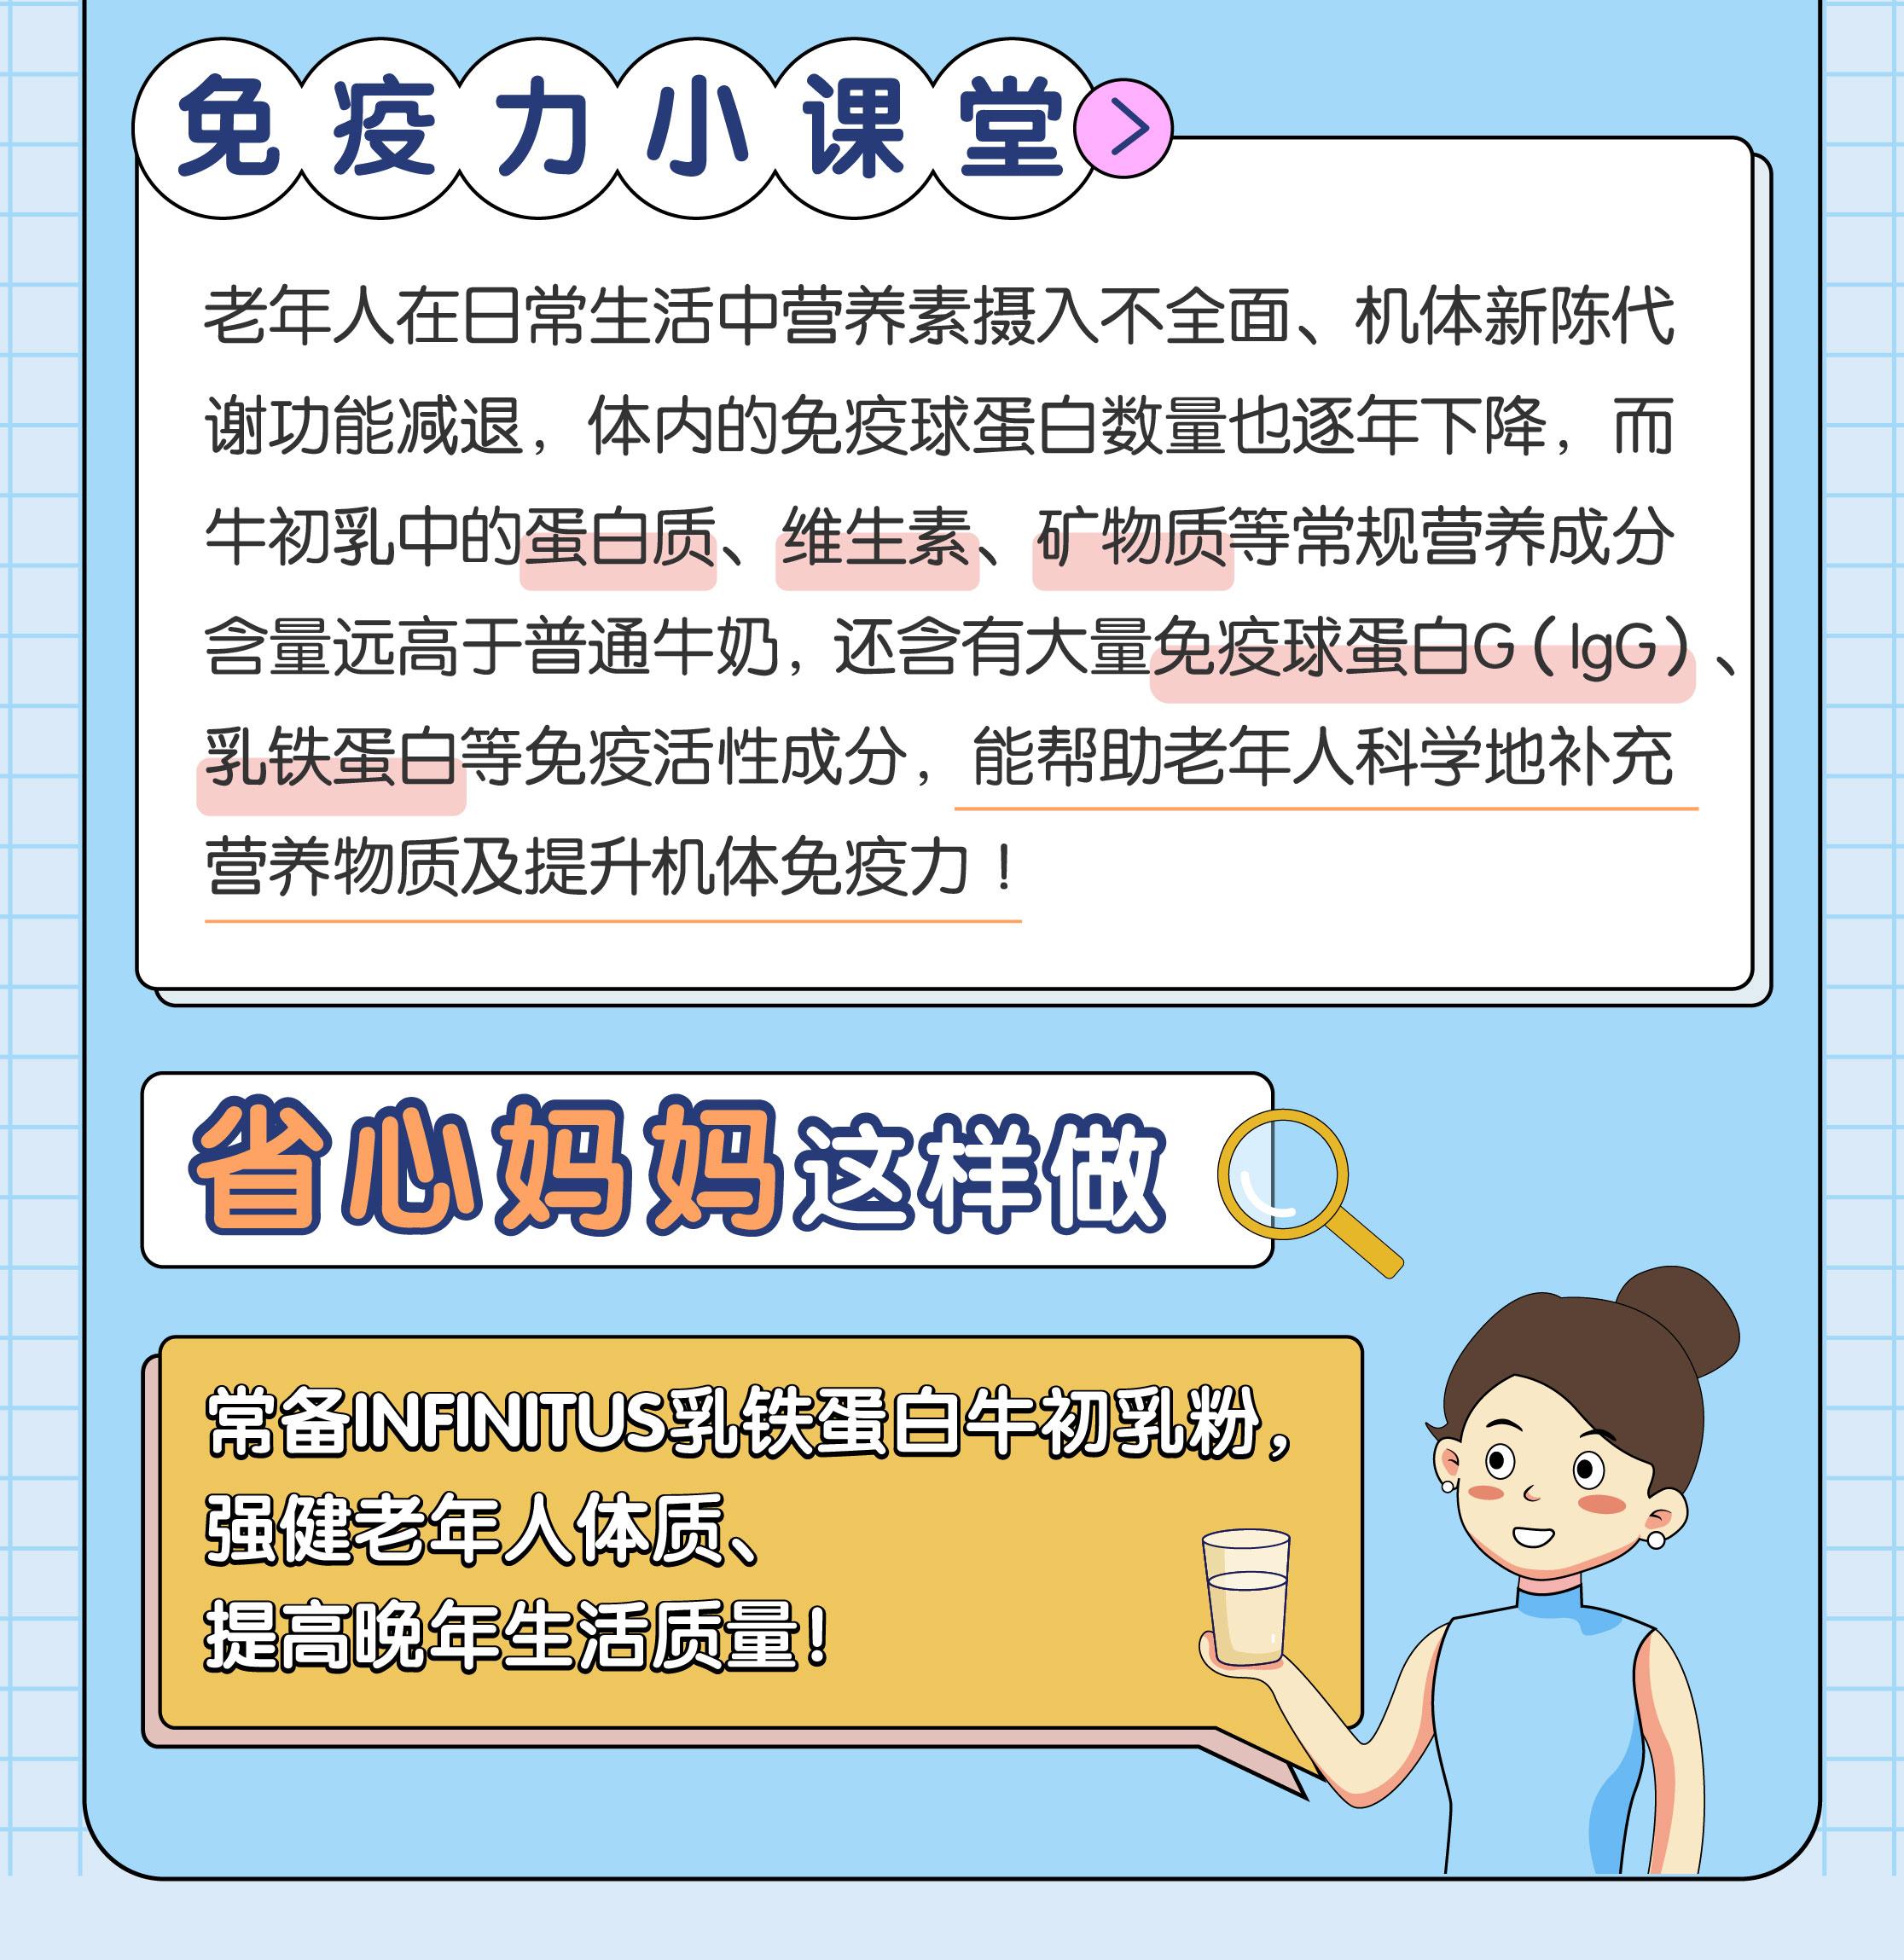 效果种草-牛初乳粉-_效果种草长图8